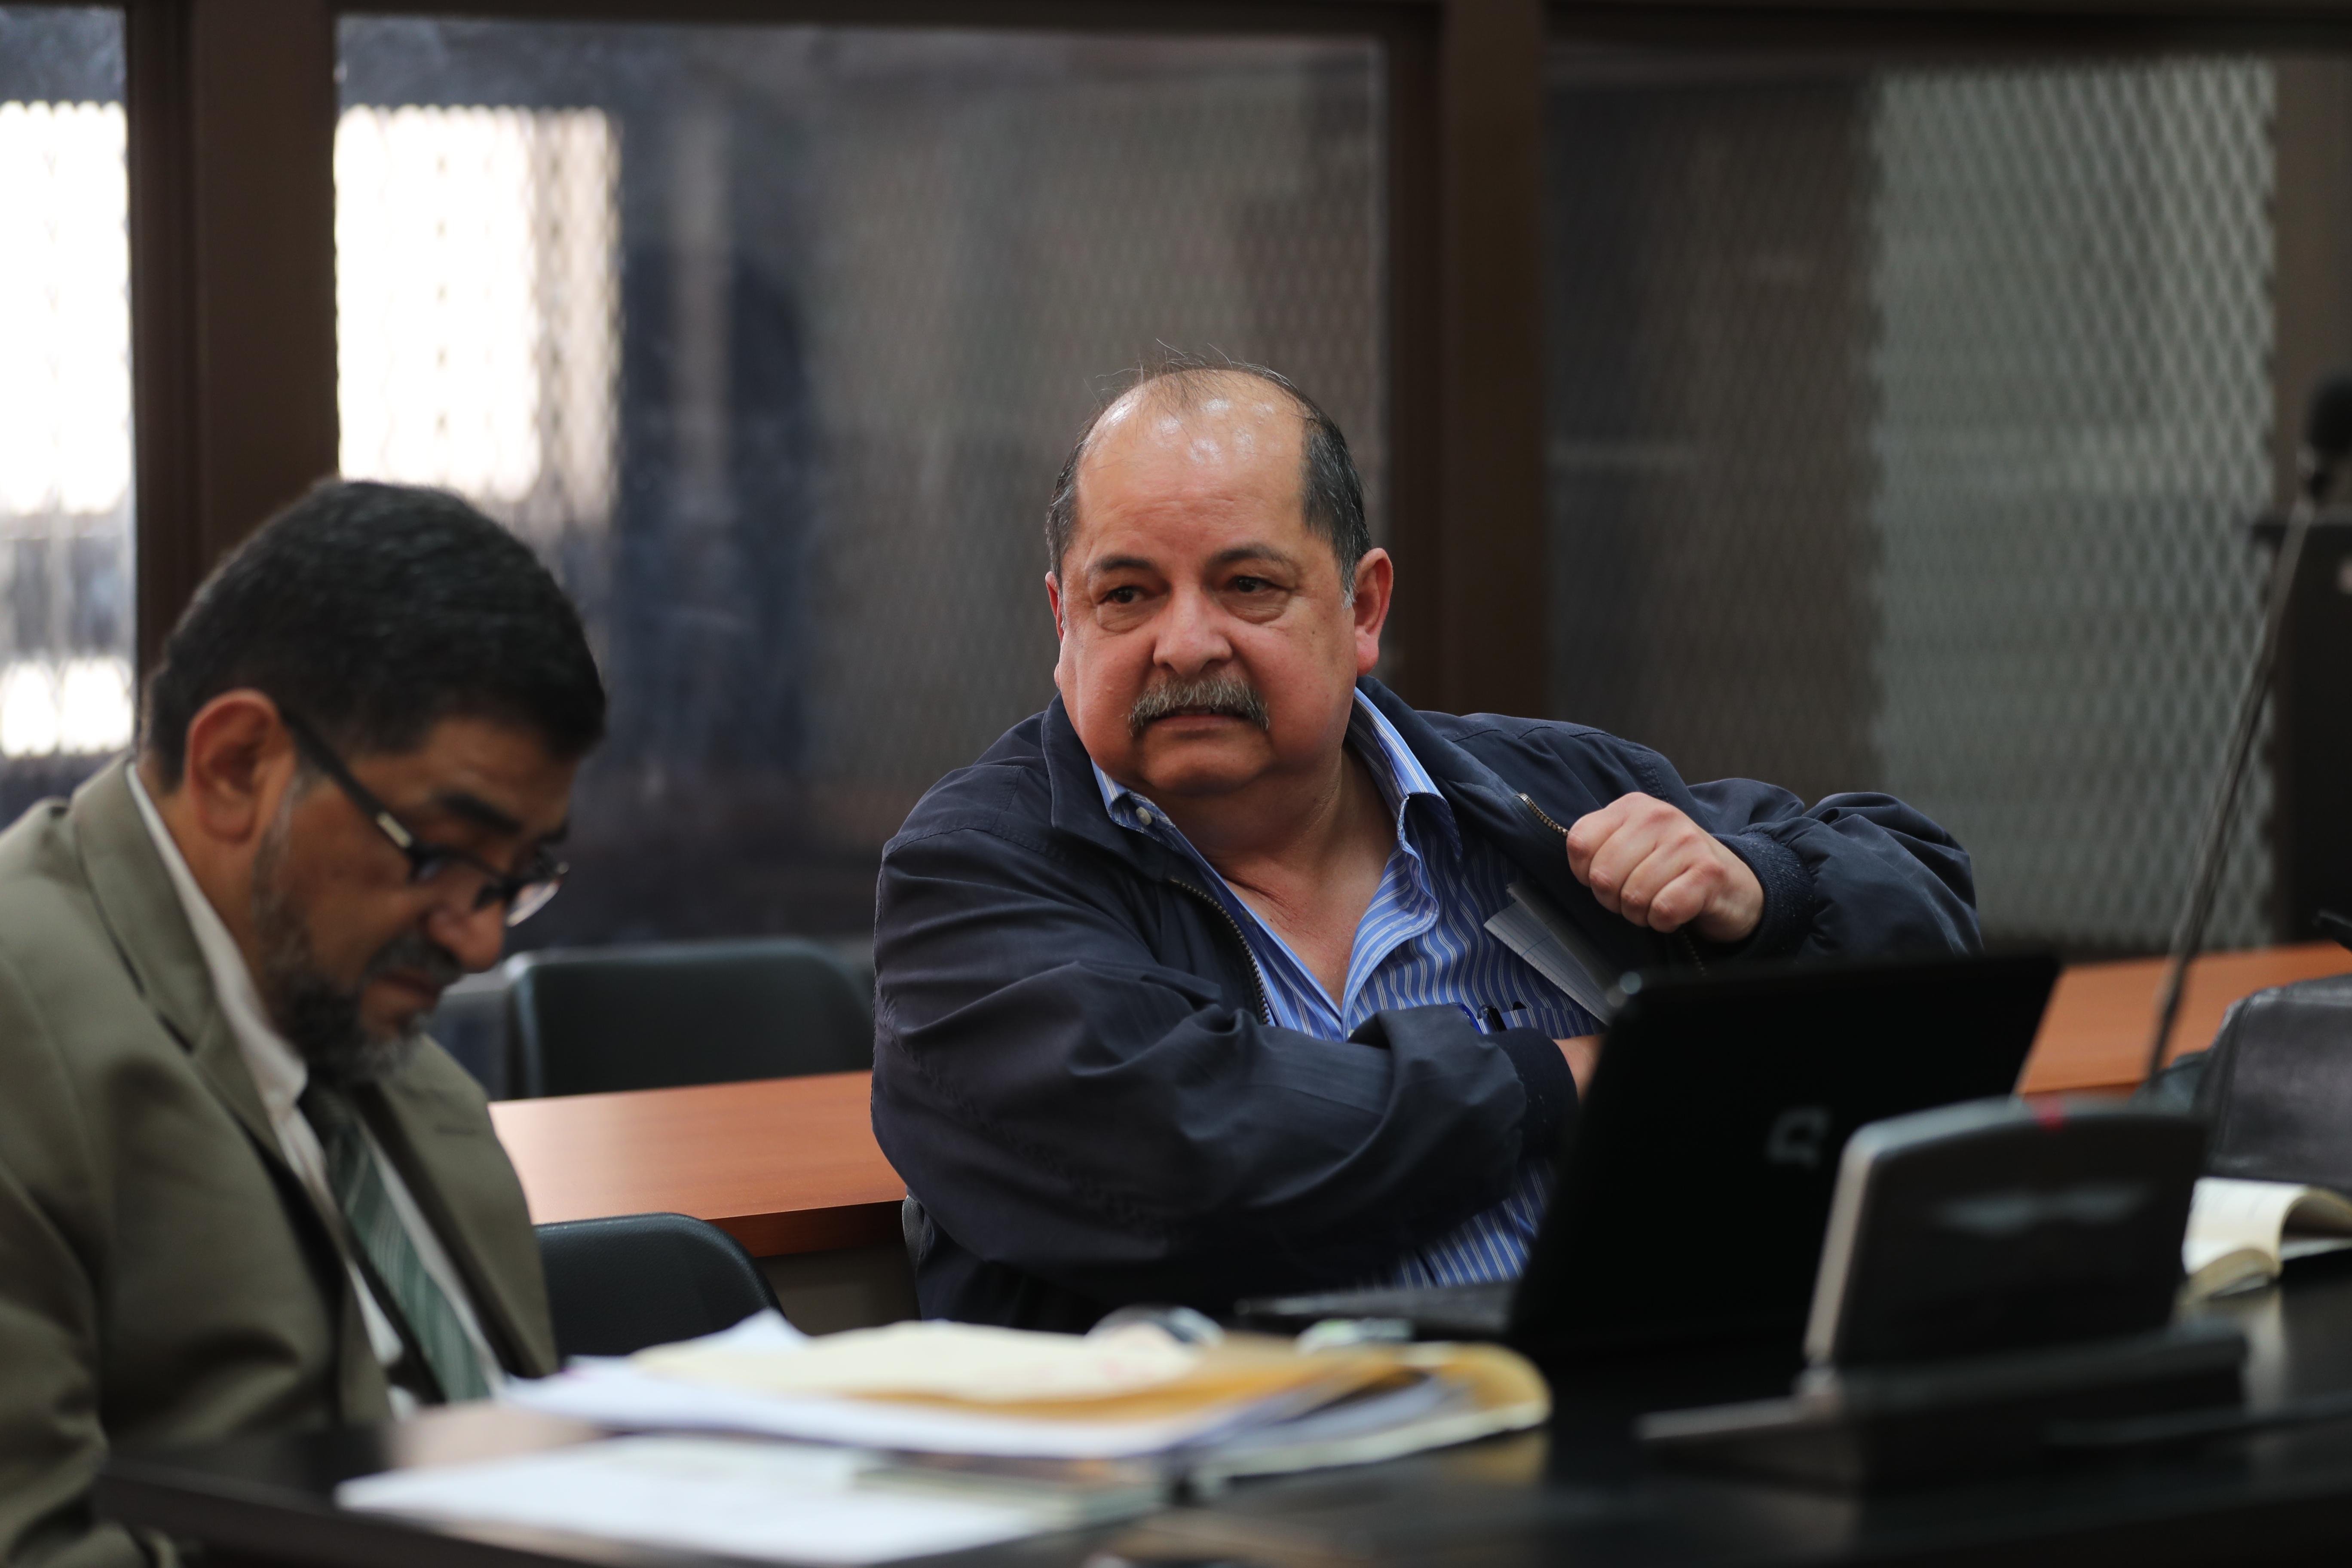 El exdiputado Alfredo RabbŽ comparece en el Juzgado de Mayor Riesgo A, a cargo de Claudette Dom'nguez, para la audiencia de revisi—n de medidas de coerci—n.   Erick Avila.            21/02/2019